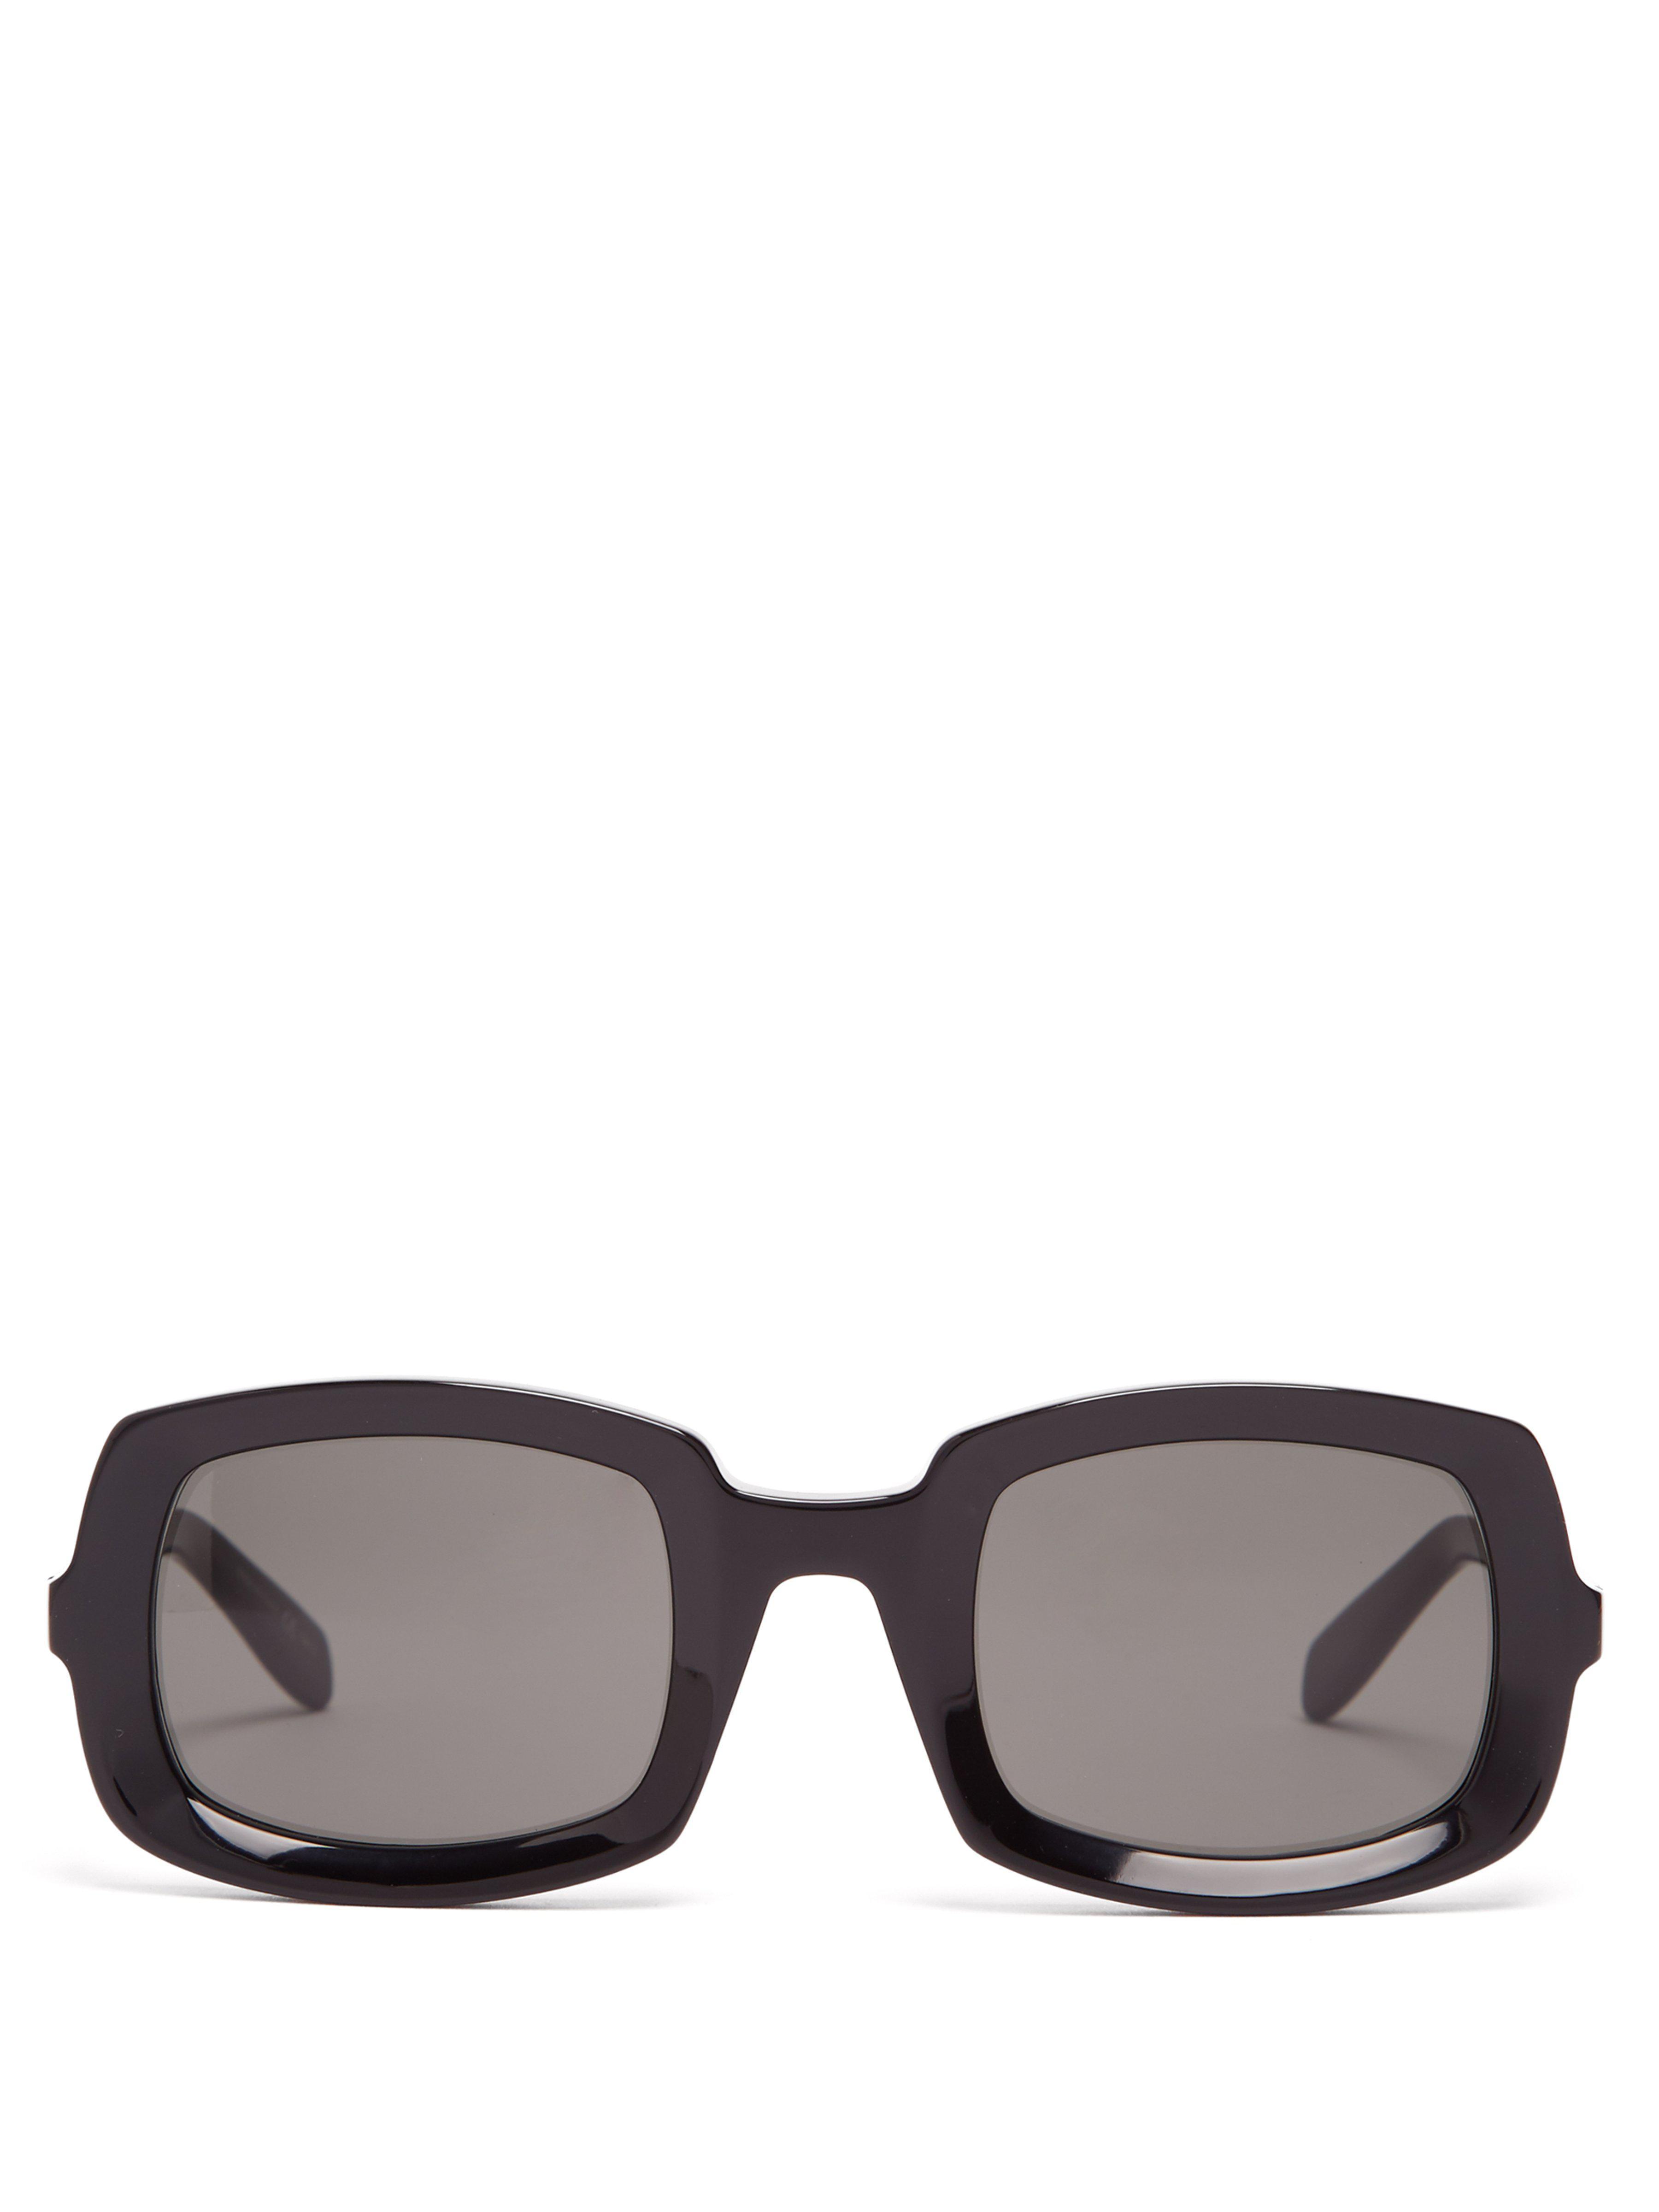 7e867f5ca27 Saint Laurent Square Acetate Sunglasses in Black for Men - Lyst